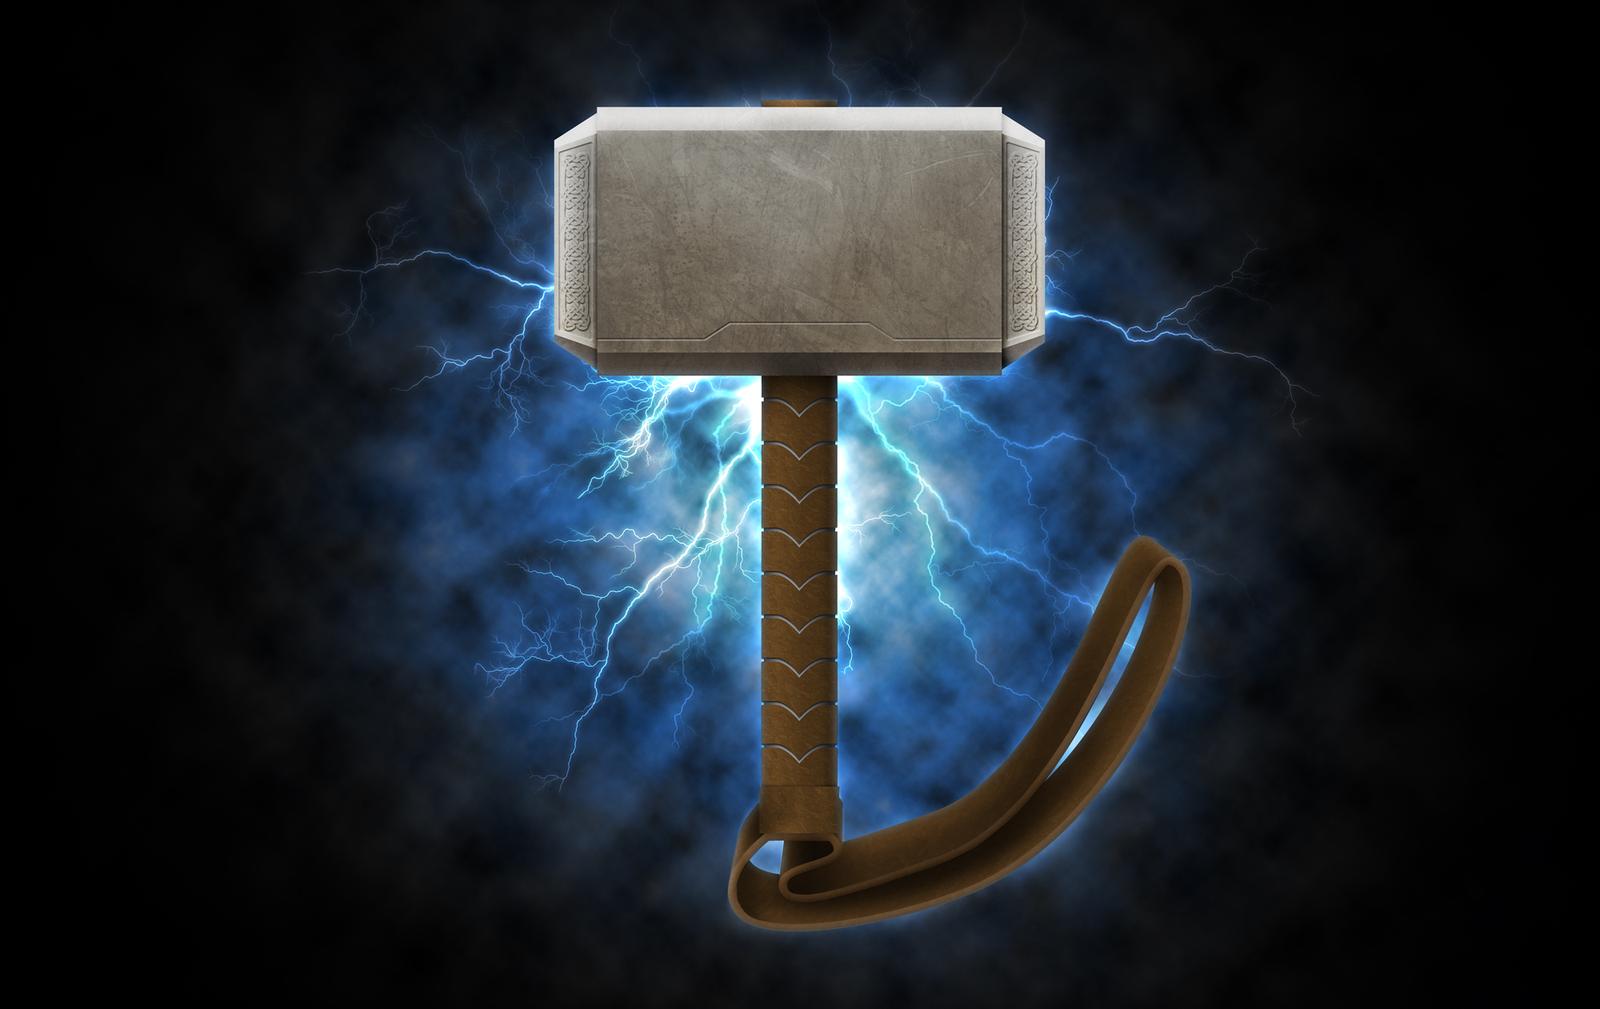 painting of thors hammer thor s hammer http fc00 deviantart net